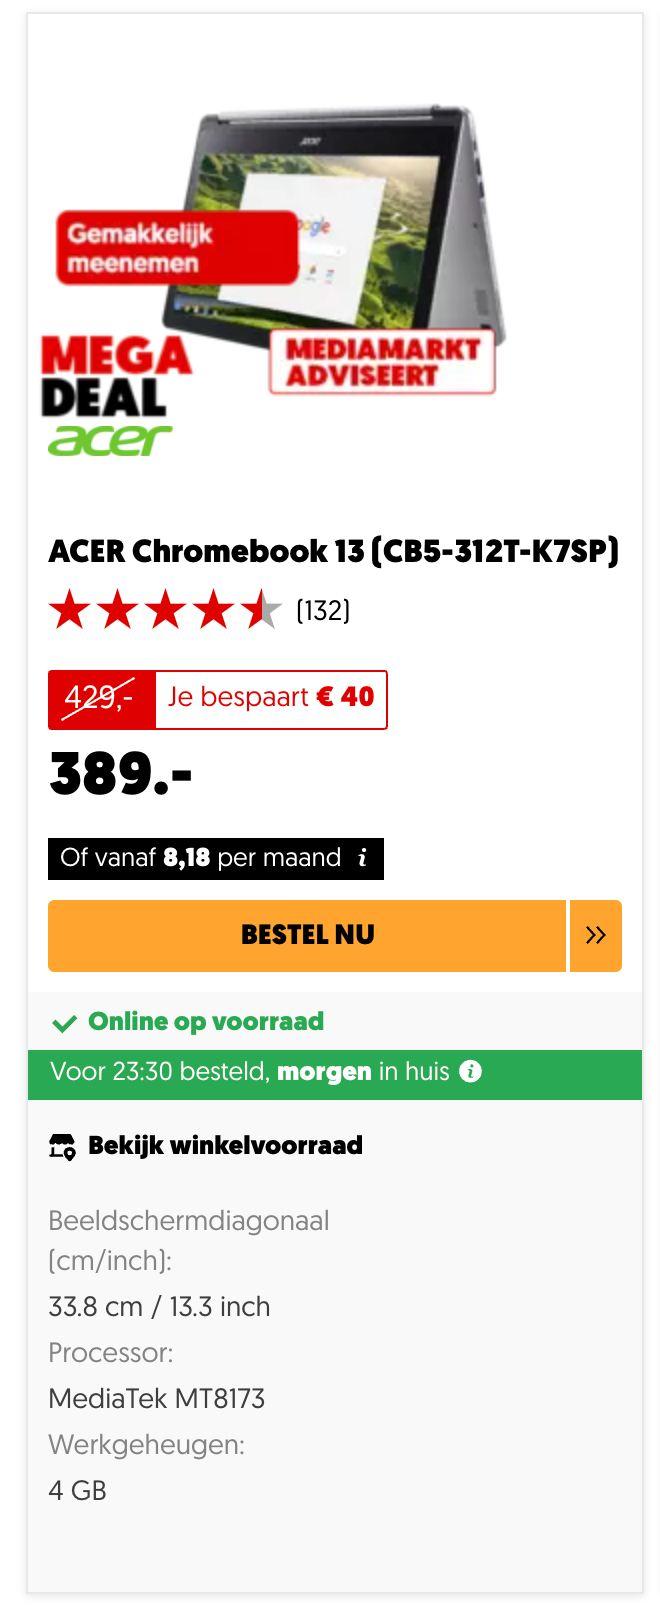 ACER Chromebook 13 (CB5-312T-K7SP)